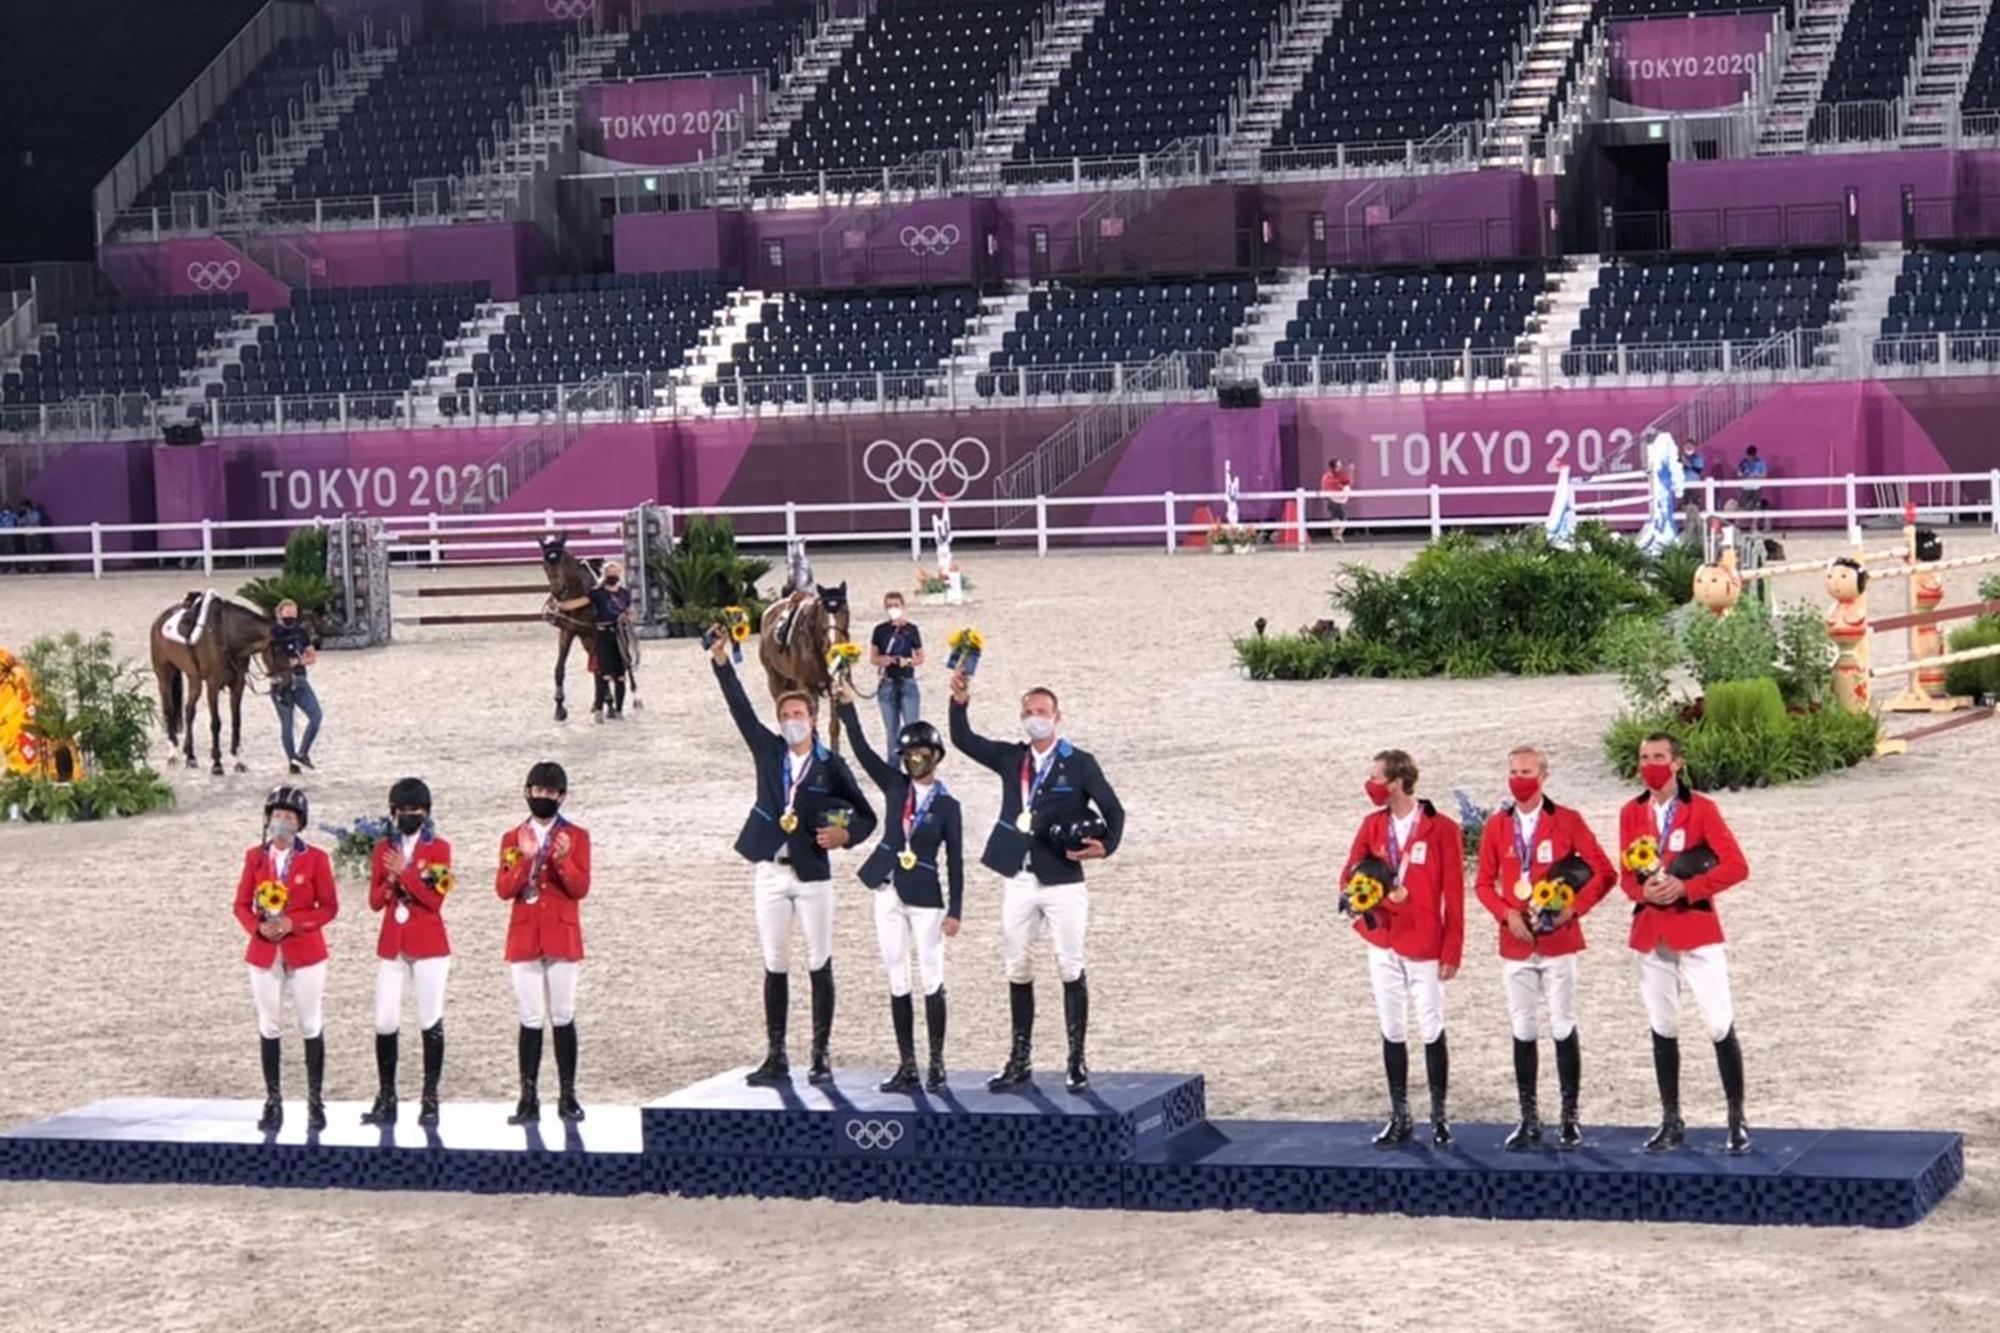 Brasil termina em 6º. Suécia fica com Ouro,  EUA com Prata,  e Bélgica,  Bronze